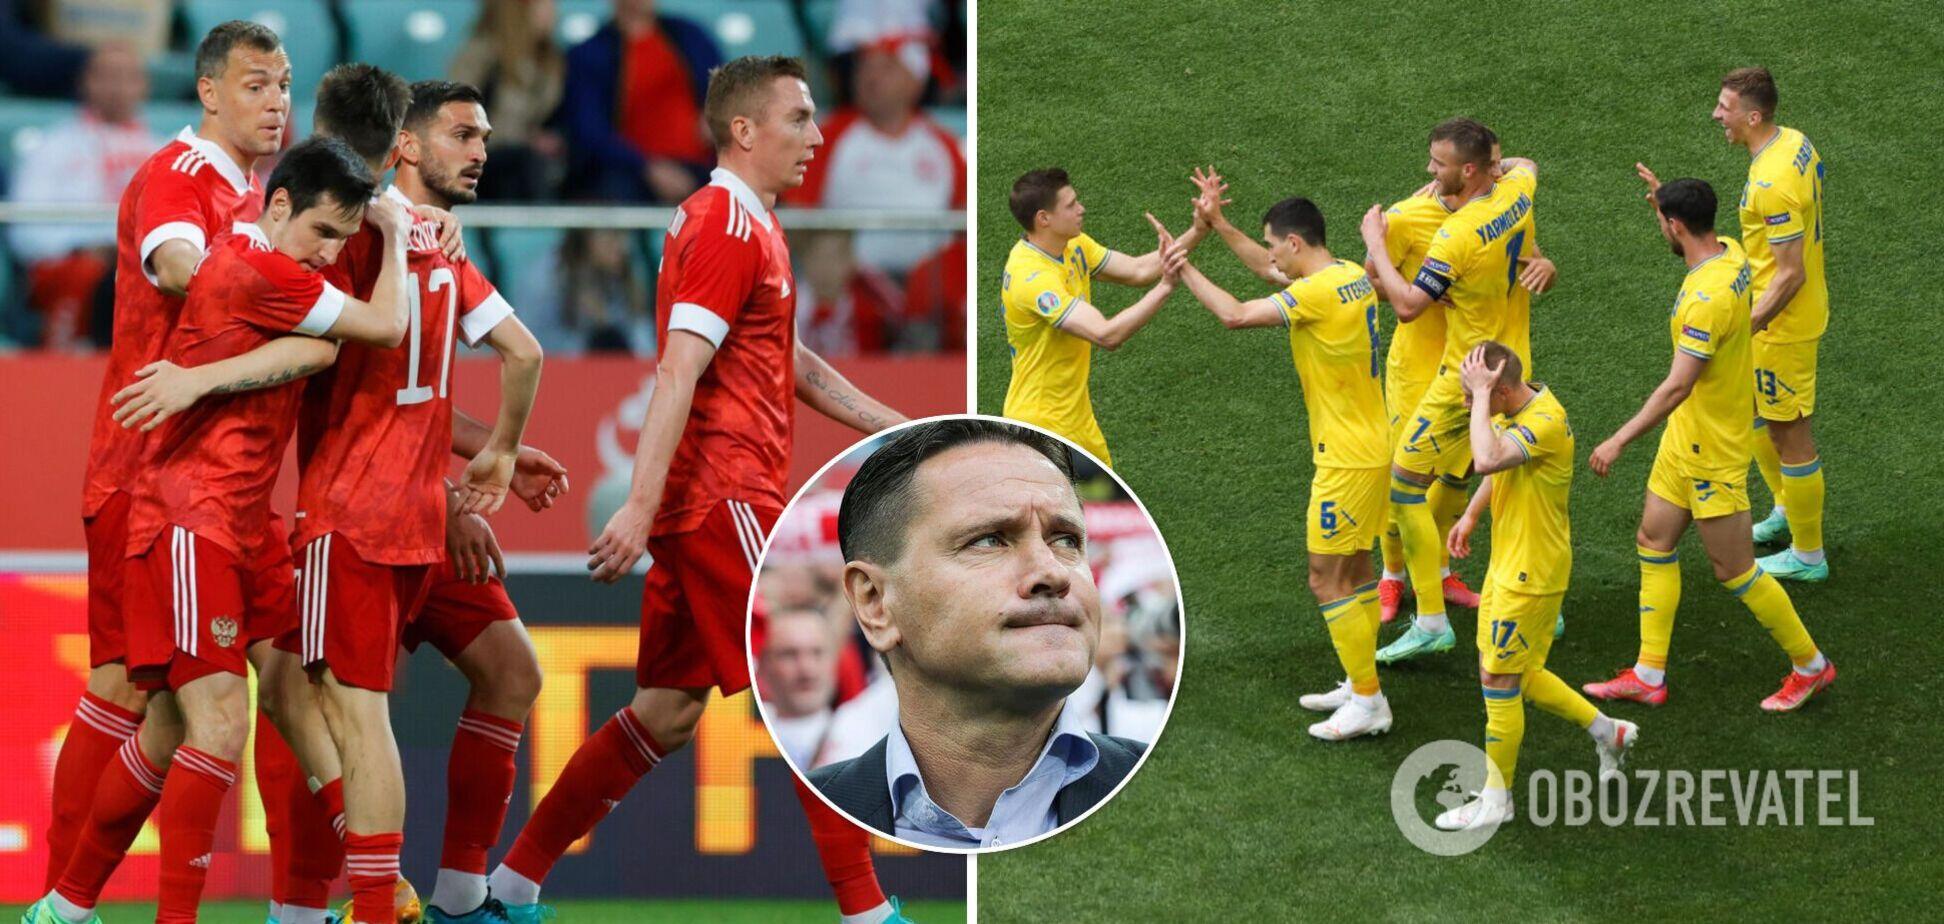 Аленичев признал, что украинские футболисты сильнее, чем российские